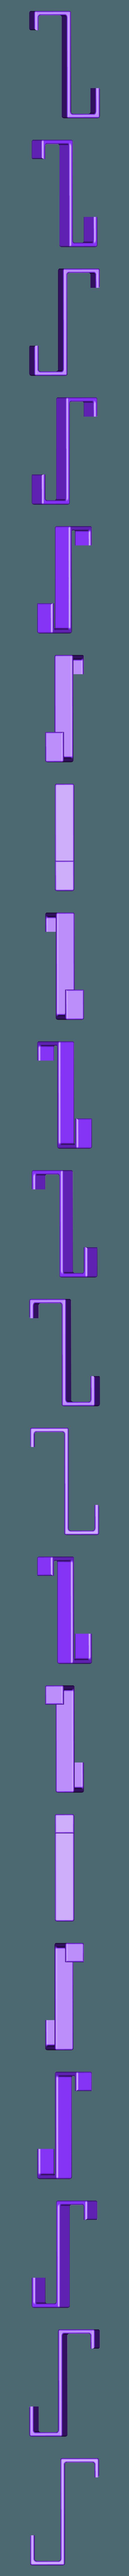 2Door_Hooks.STL Télécharger fichier STL gratuit Crochets de porte (10 tailles différentes) • Design pour impression 3D, Saeid